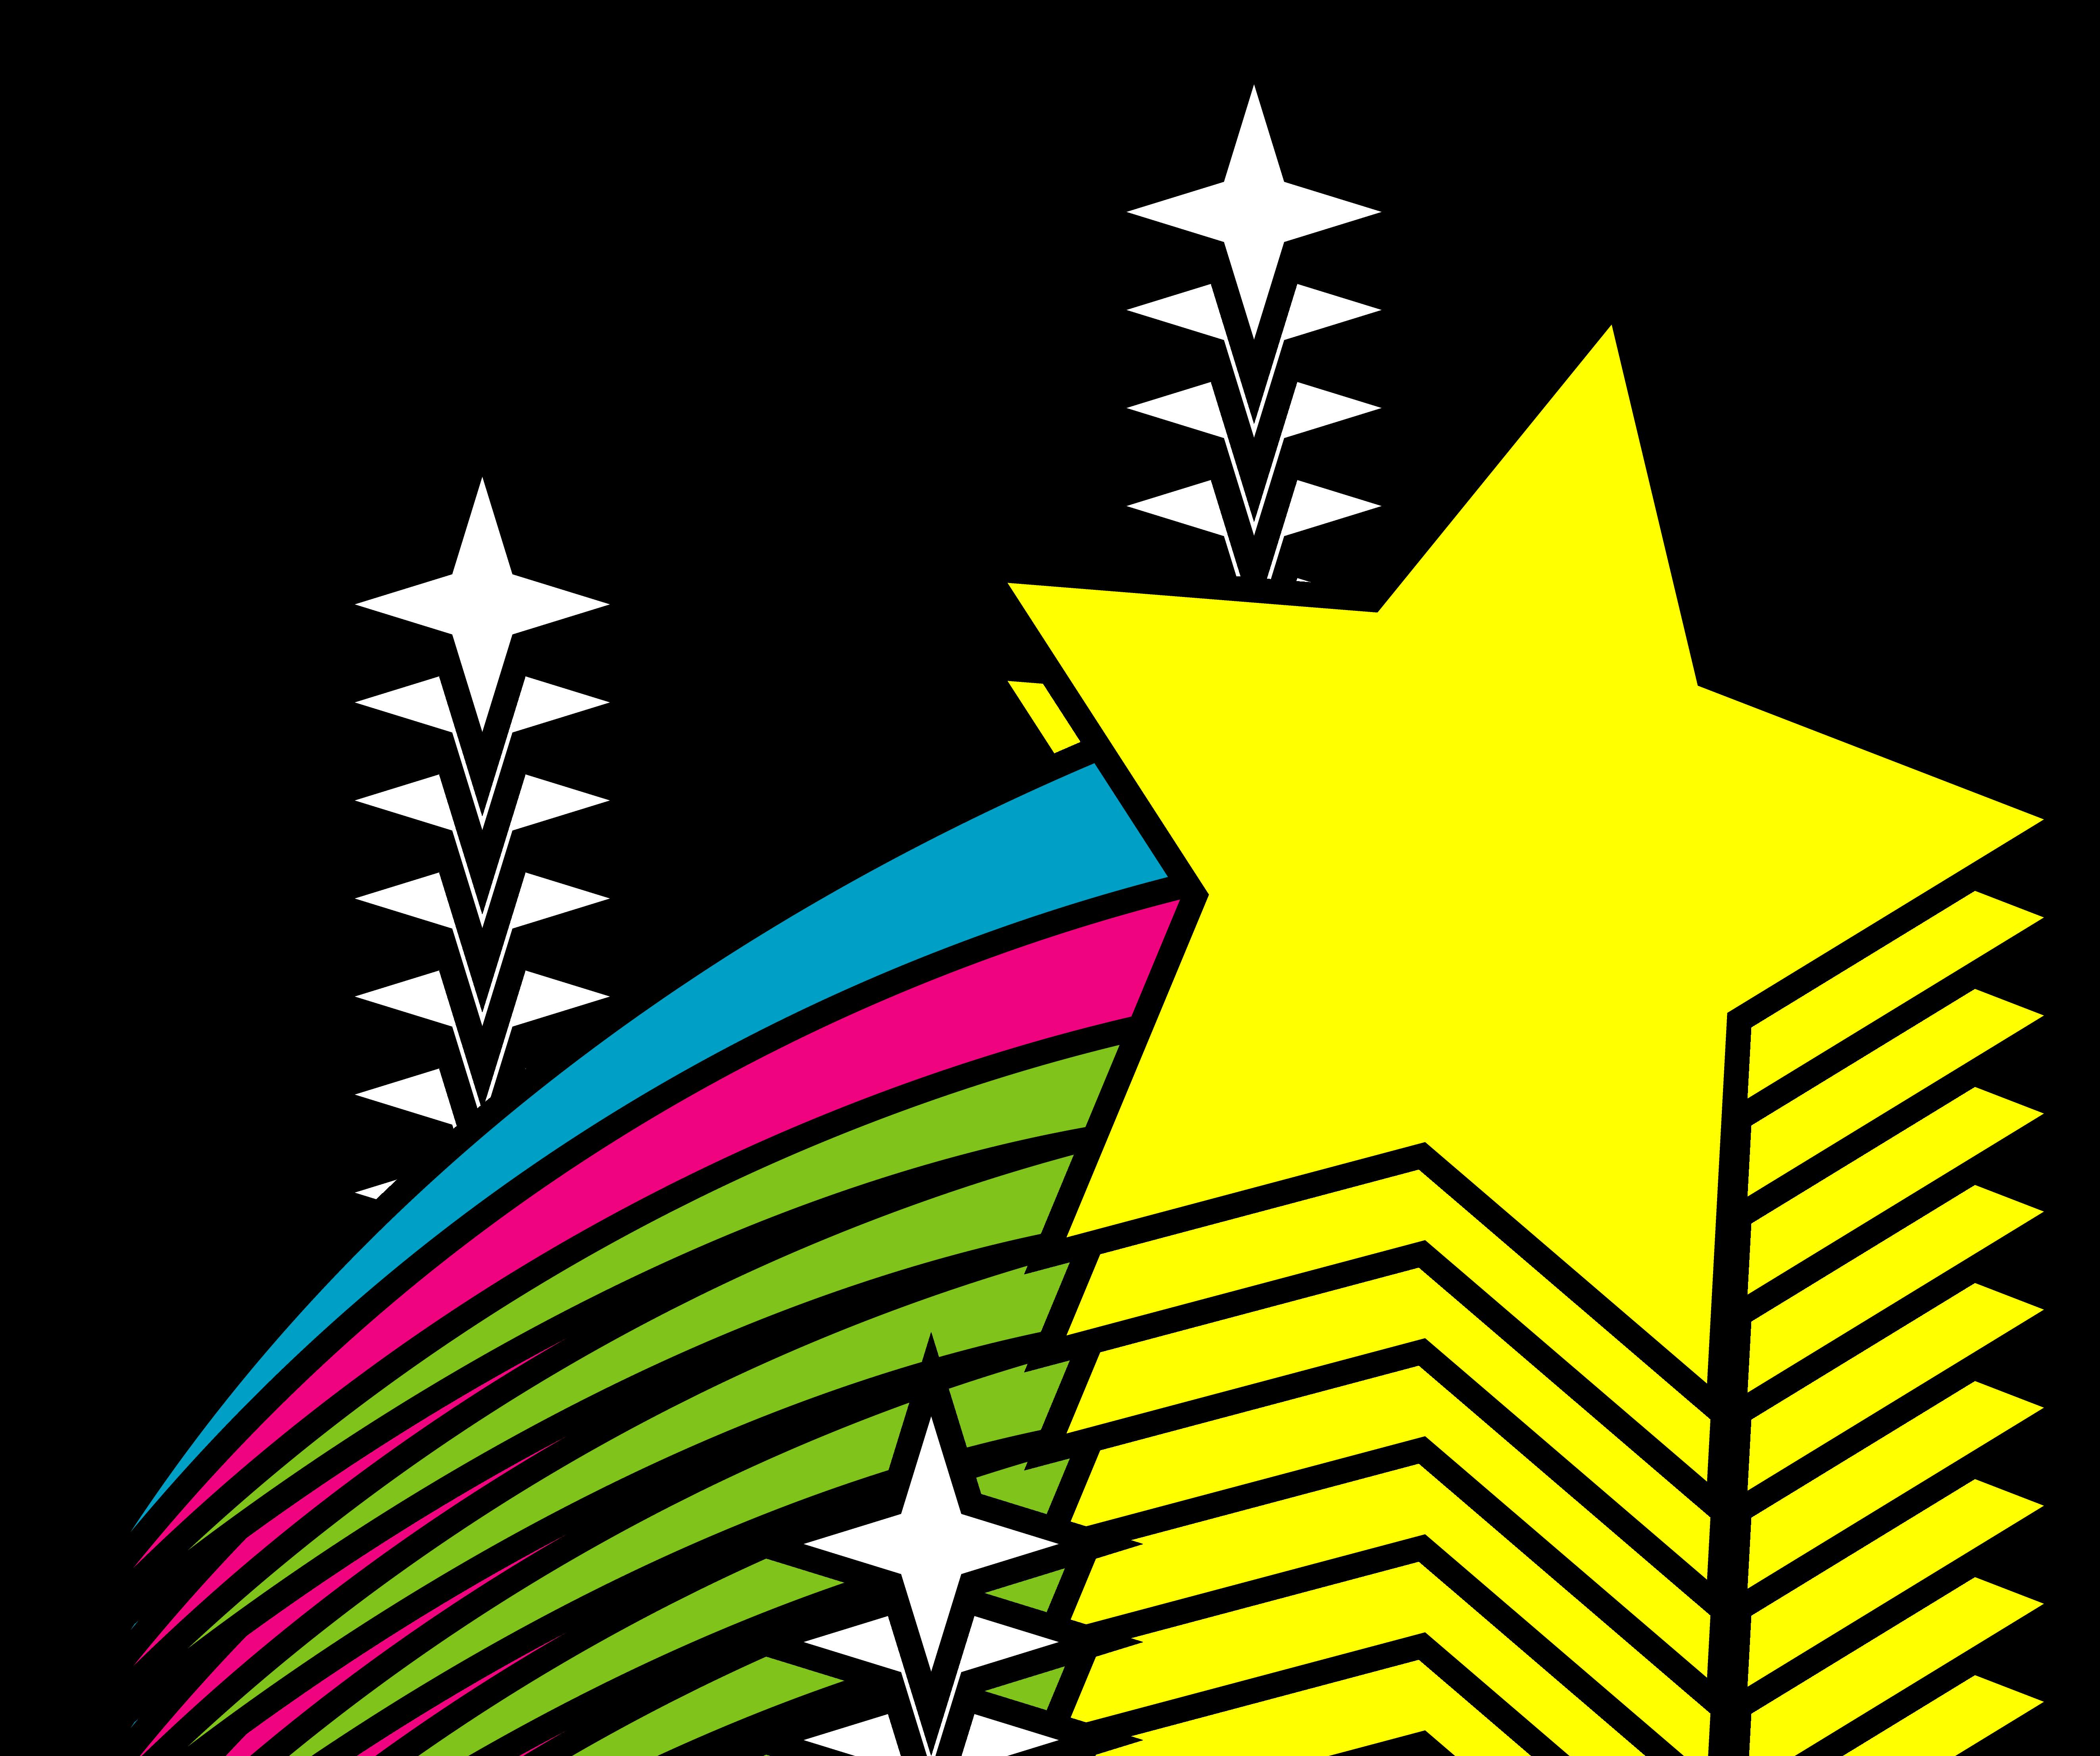 5292x4424 Shooting Stars Clipart